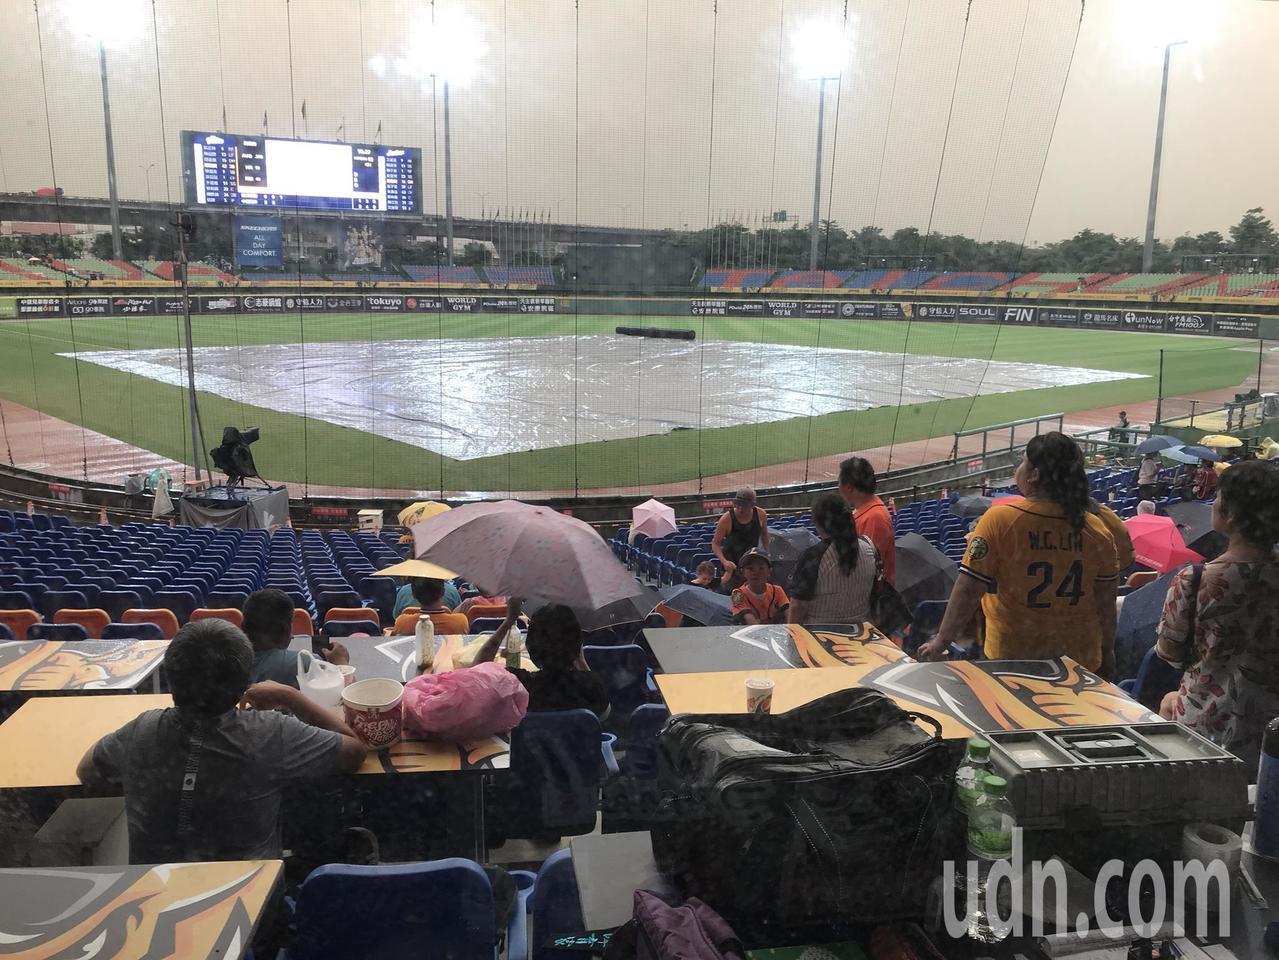 中華職棒中信與富邦的比賽因雨暫停。記者黃仲裕/攝影